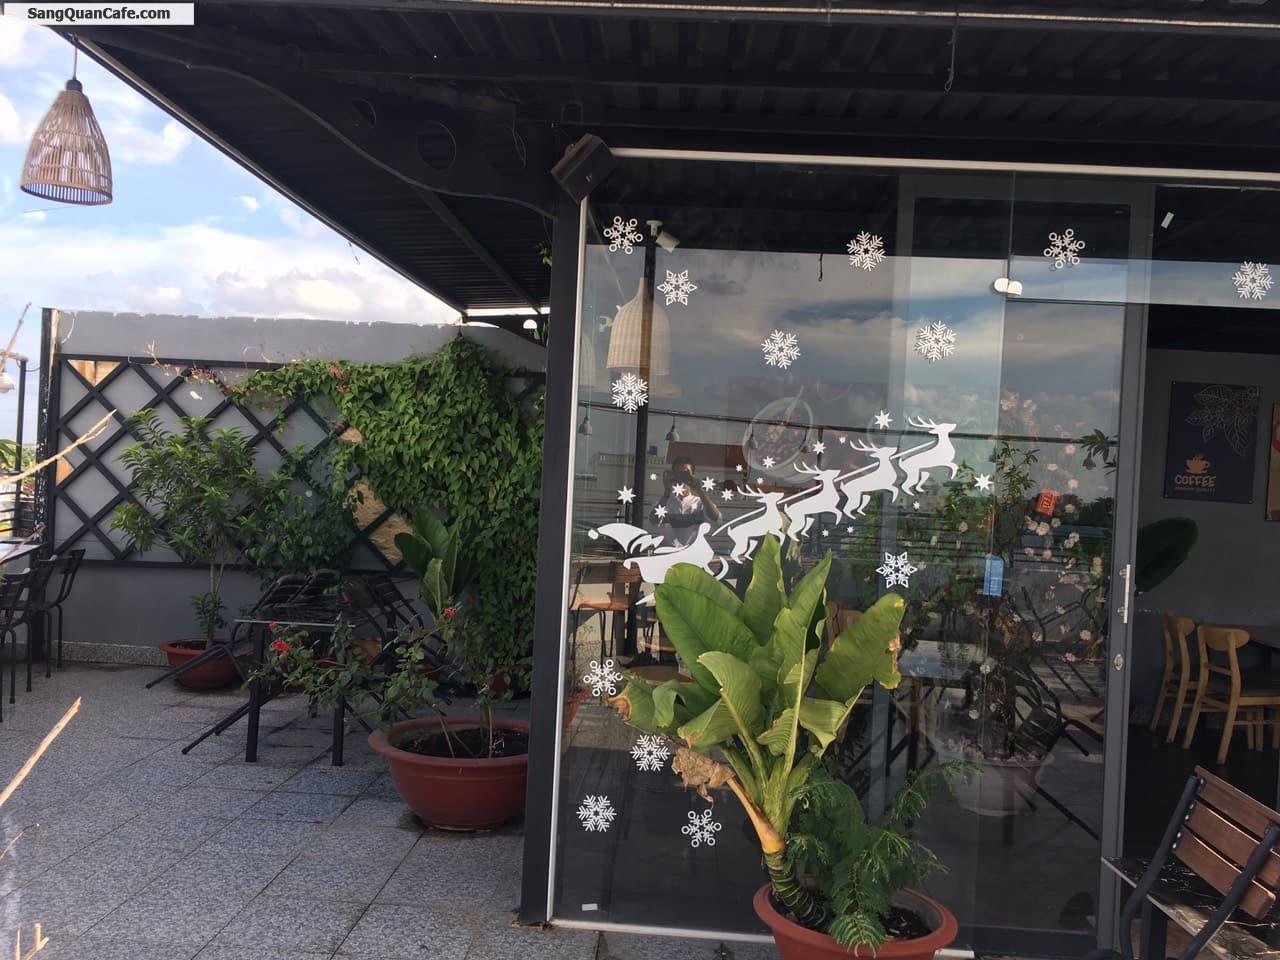 Sang nhượng quán cafe trung tâm Cần Đước, Long An